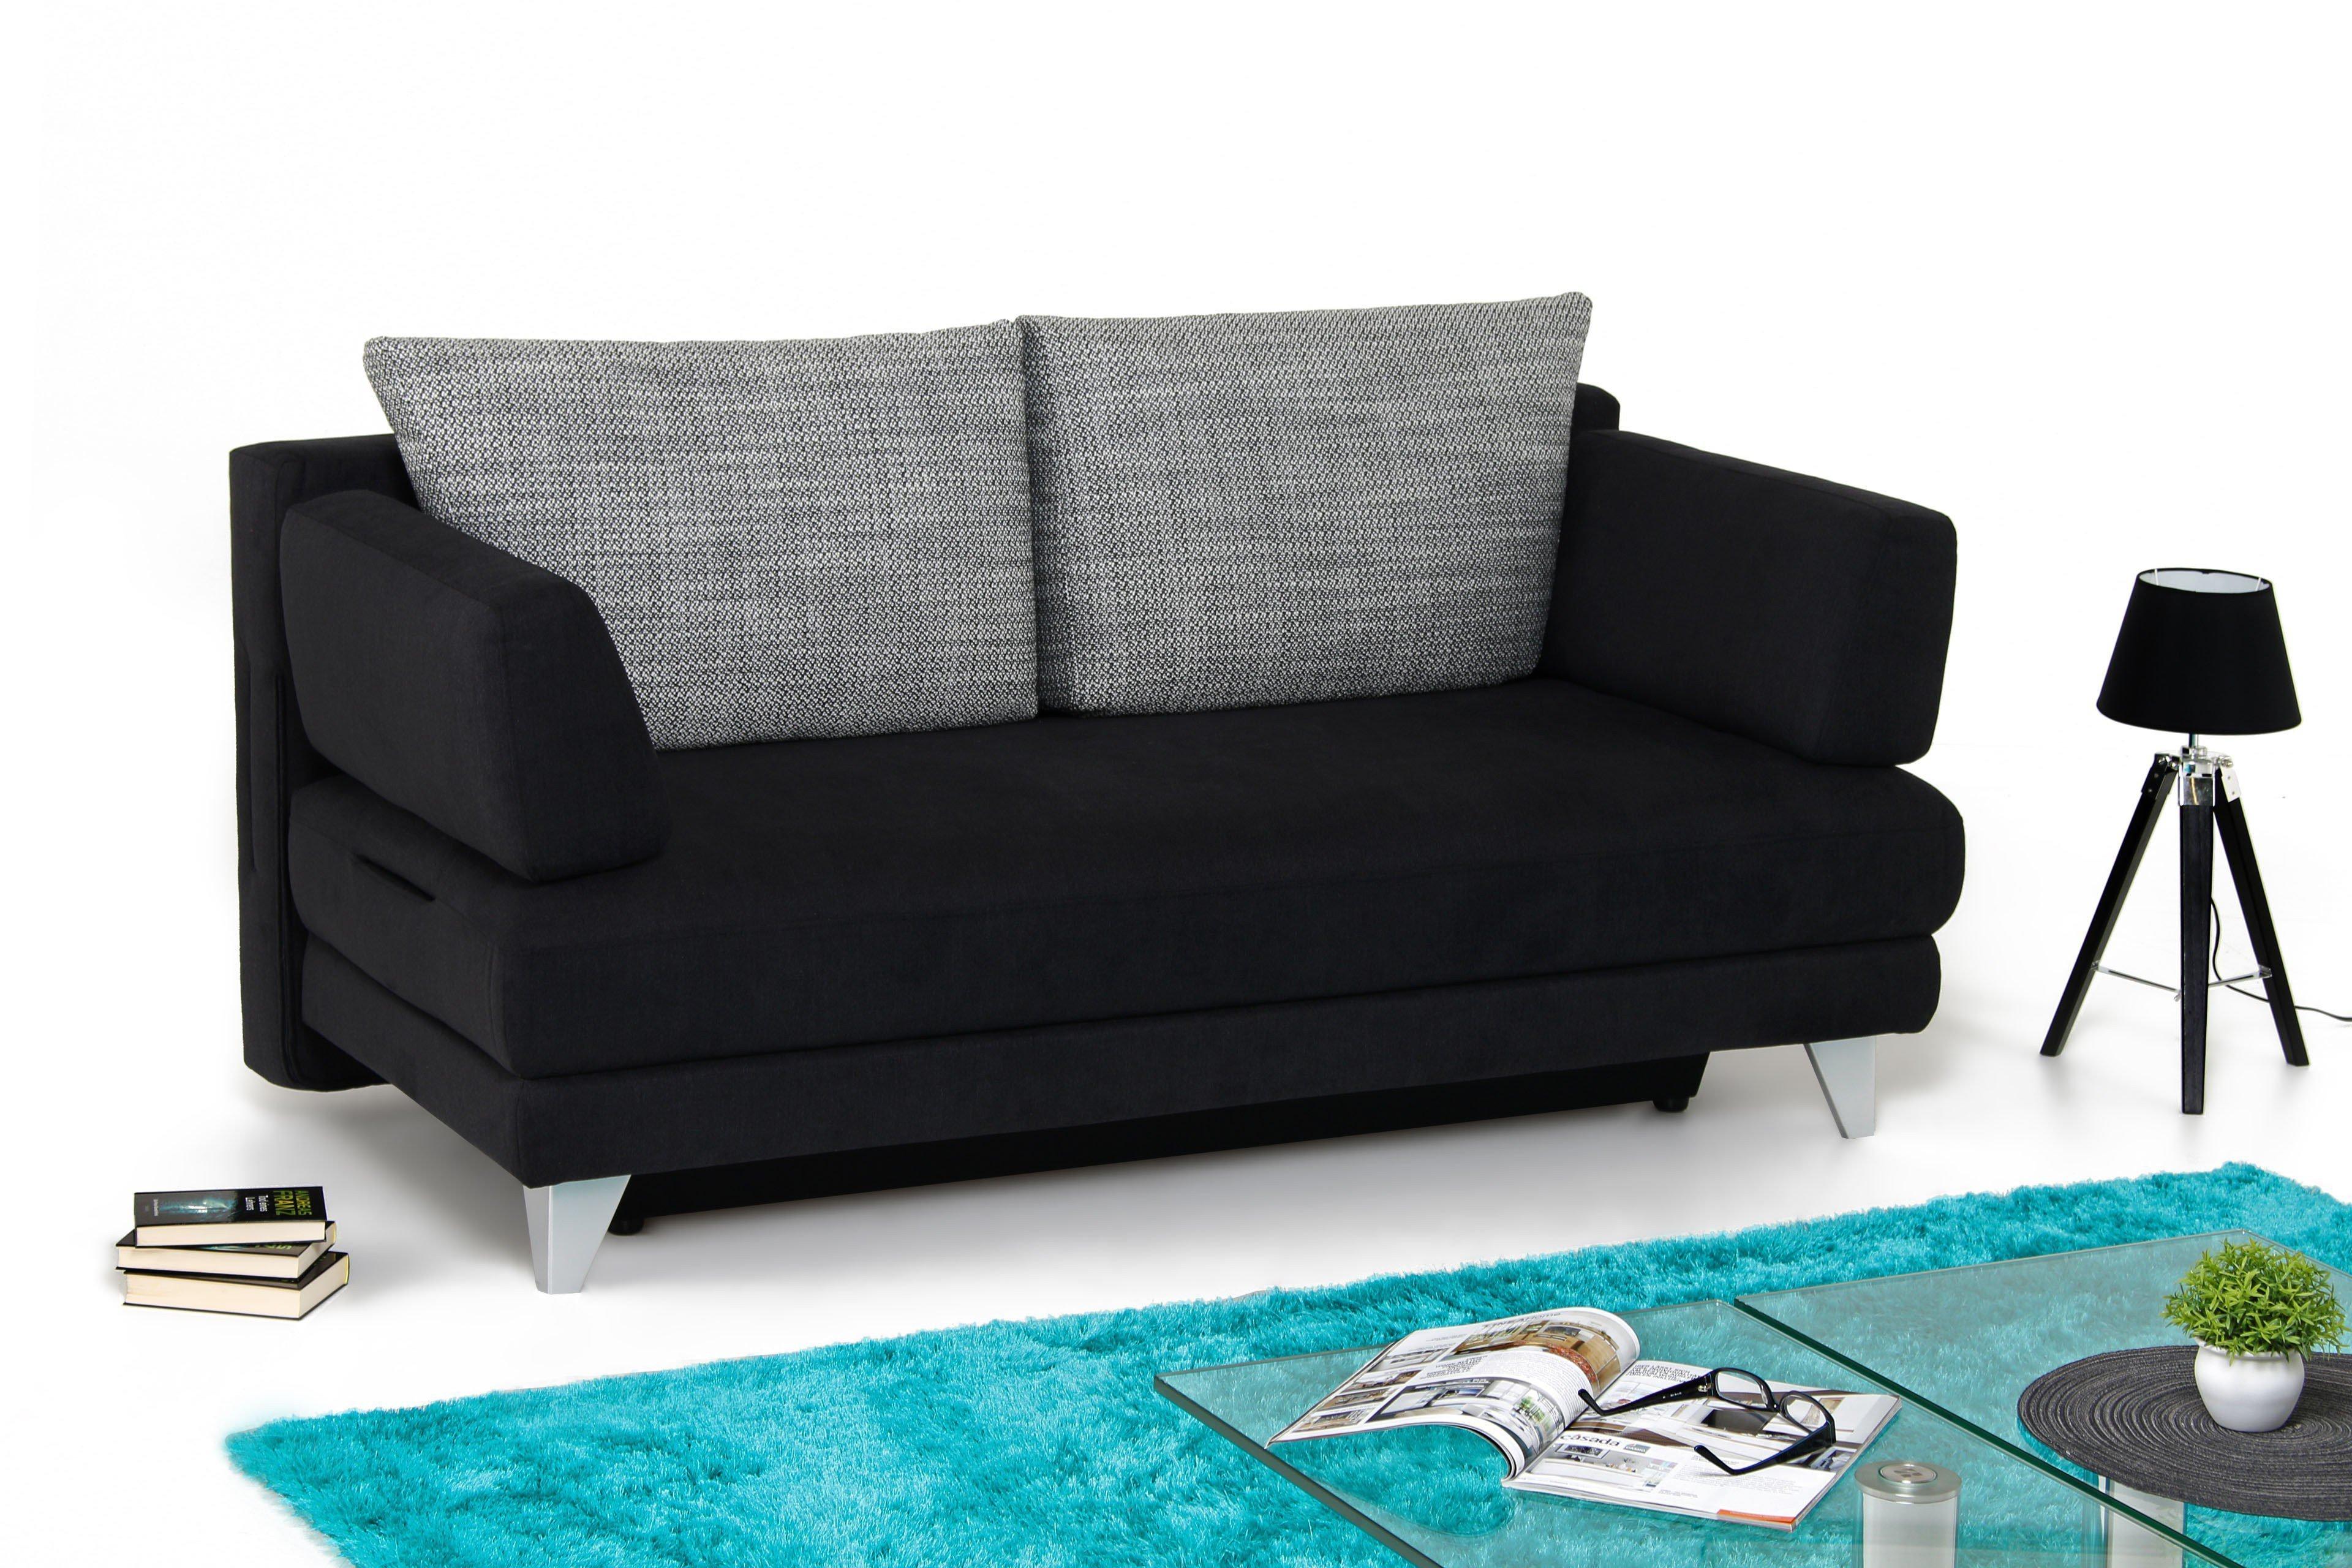 Doppelbettcouch Mit Bettkasten schlafsofa bali polstermöbel mit bettkasten möbel letz